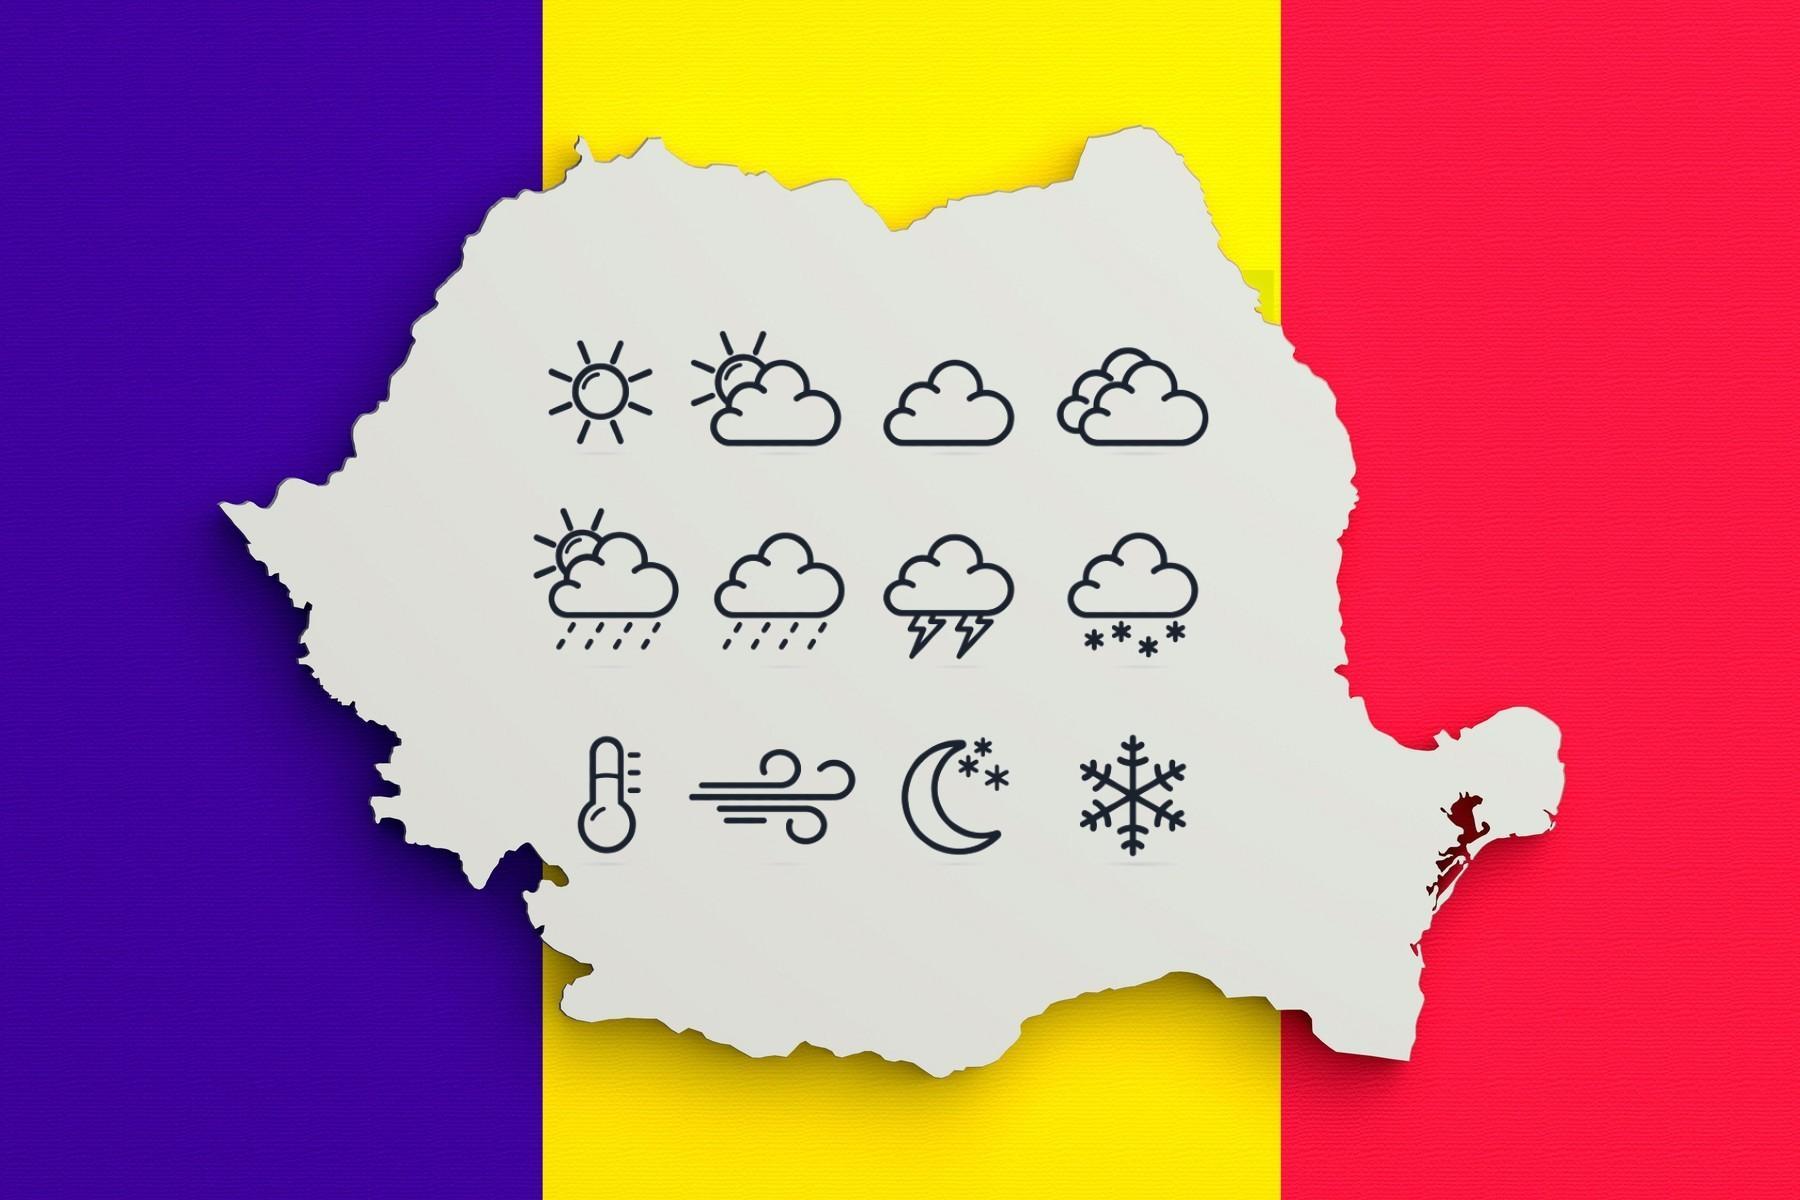 Prognoza meteo 9 decembrie 2020. Cum e vremea în România și care sunt previziunile ANM pentru astăzi